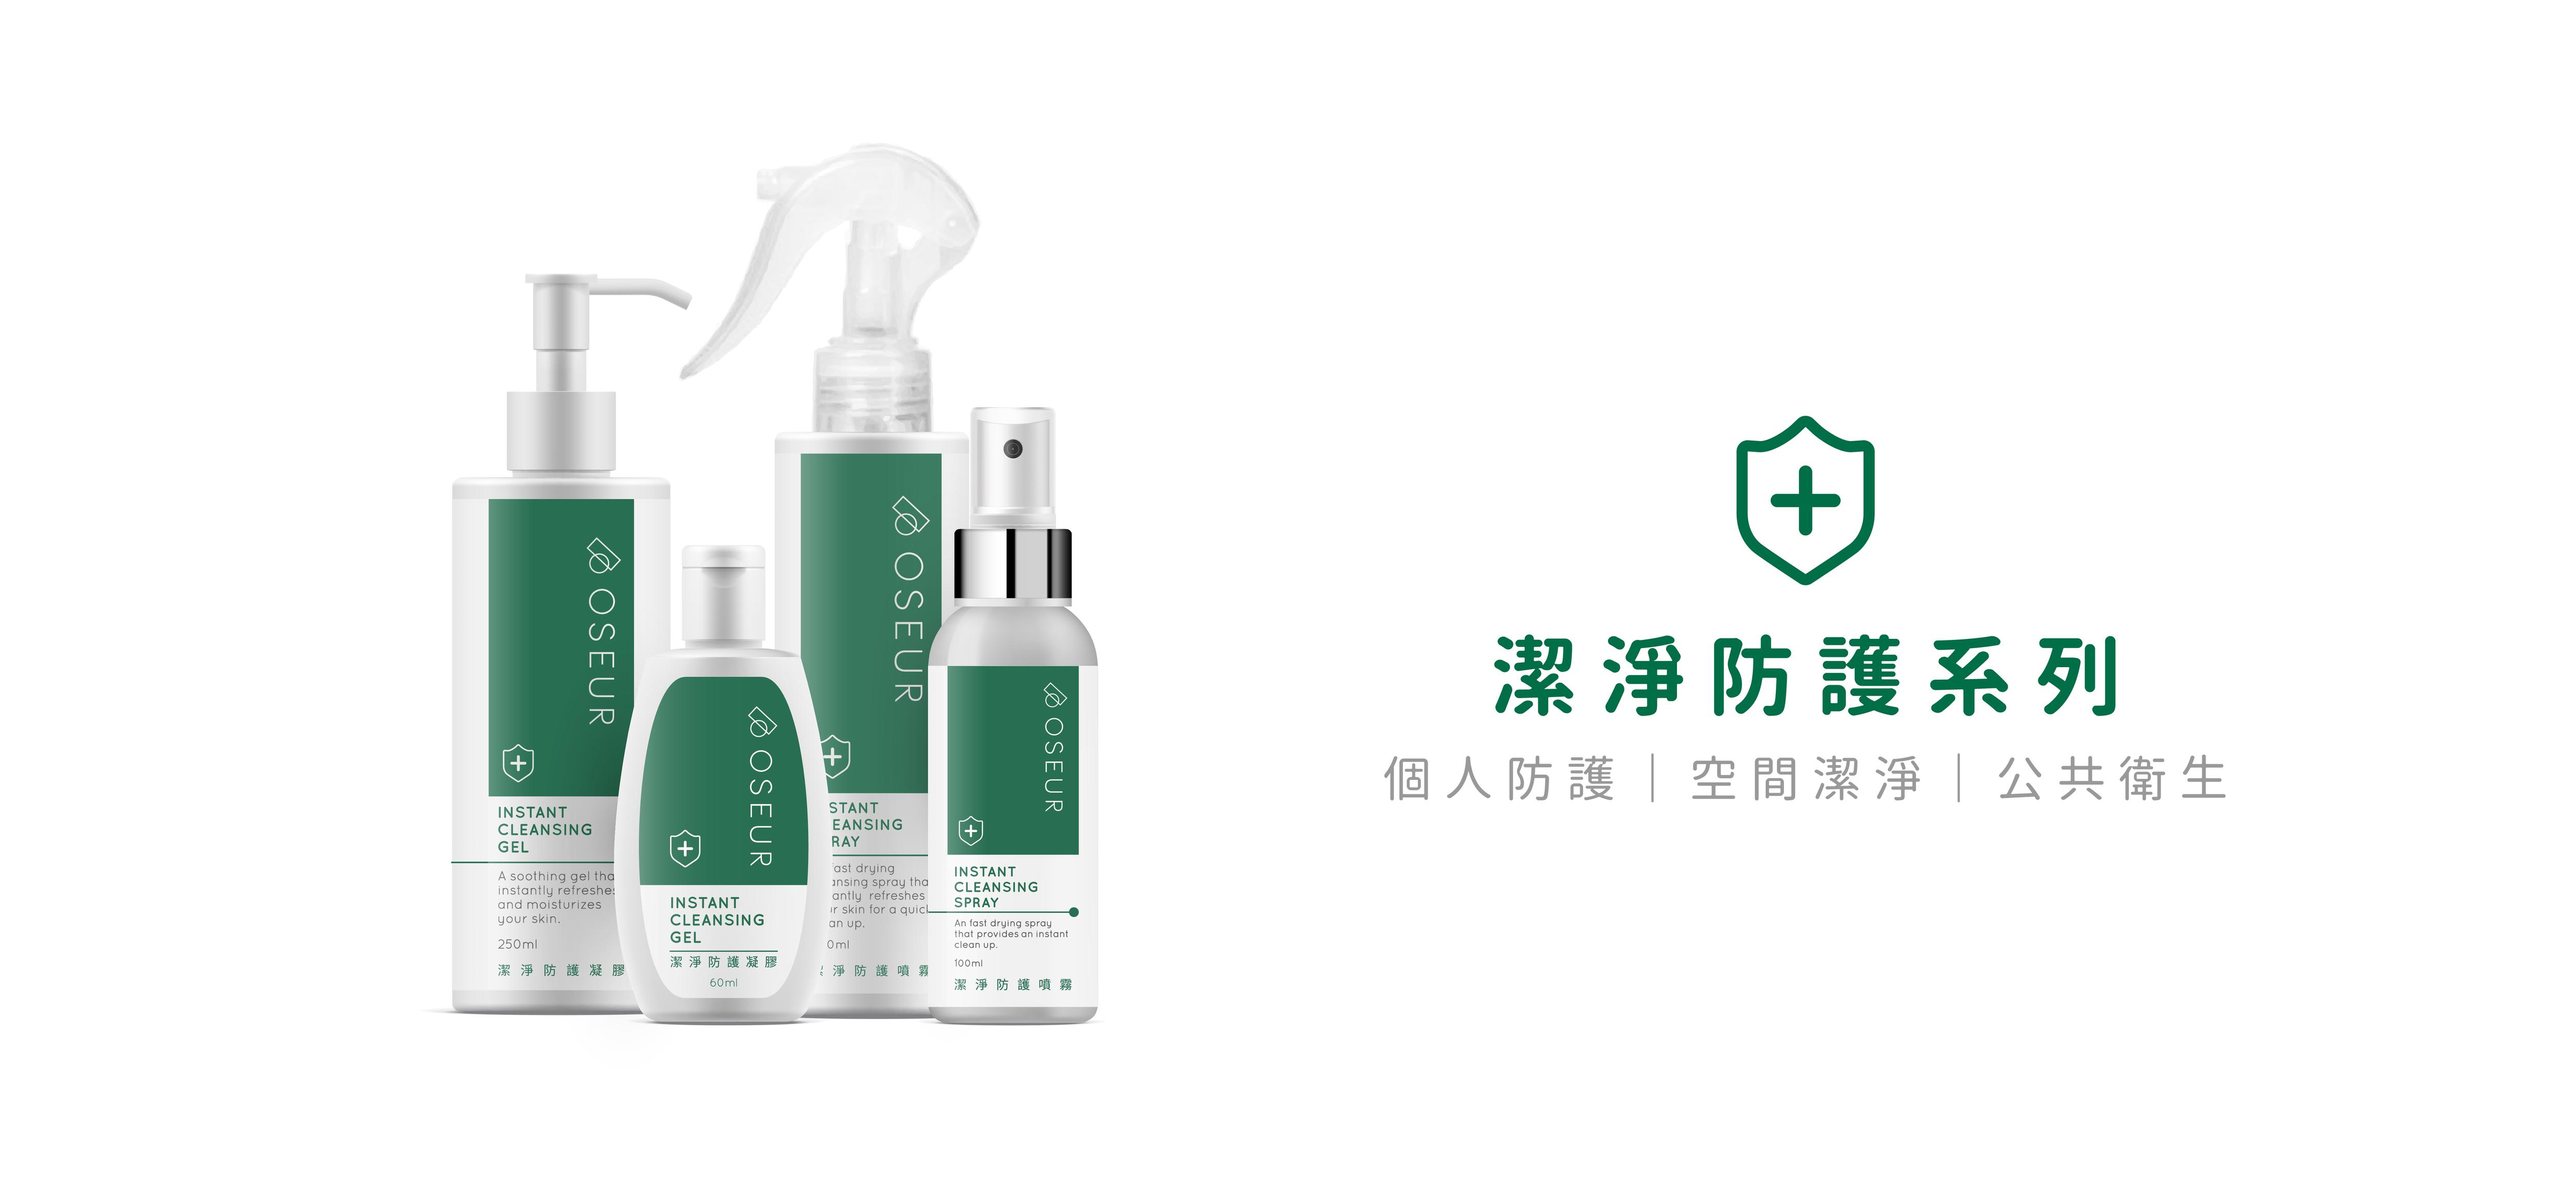 潔淨防護系列:抗菌酒精乾洗手